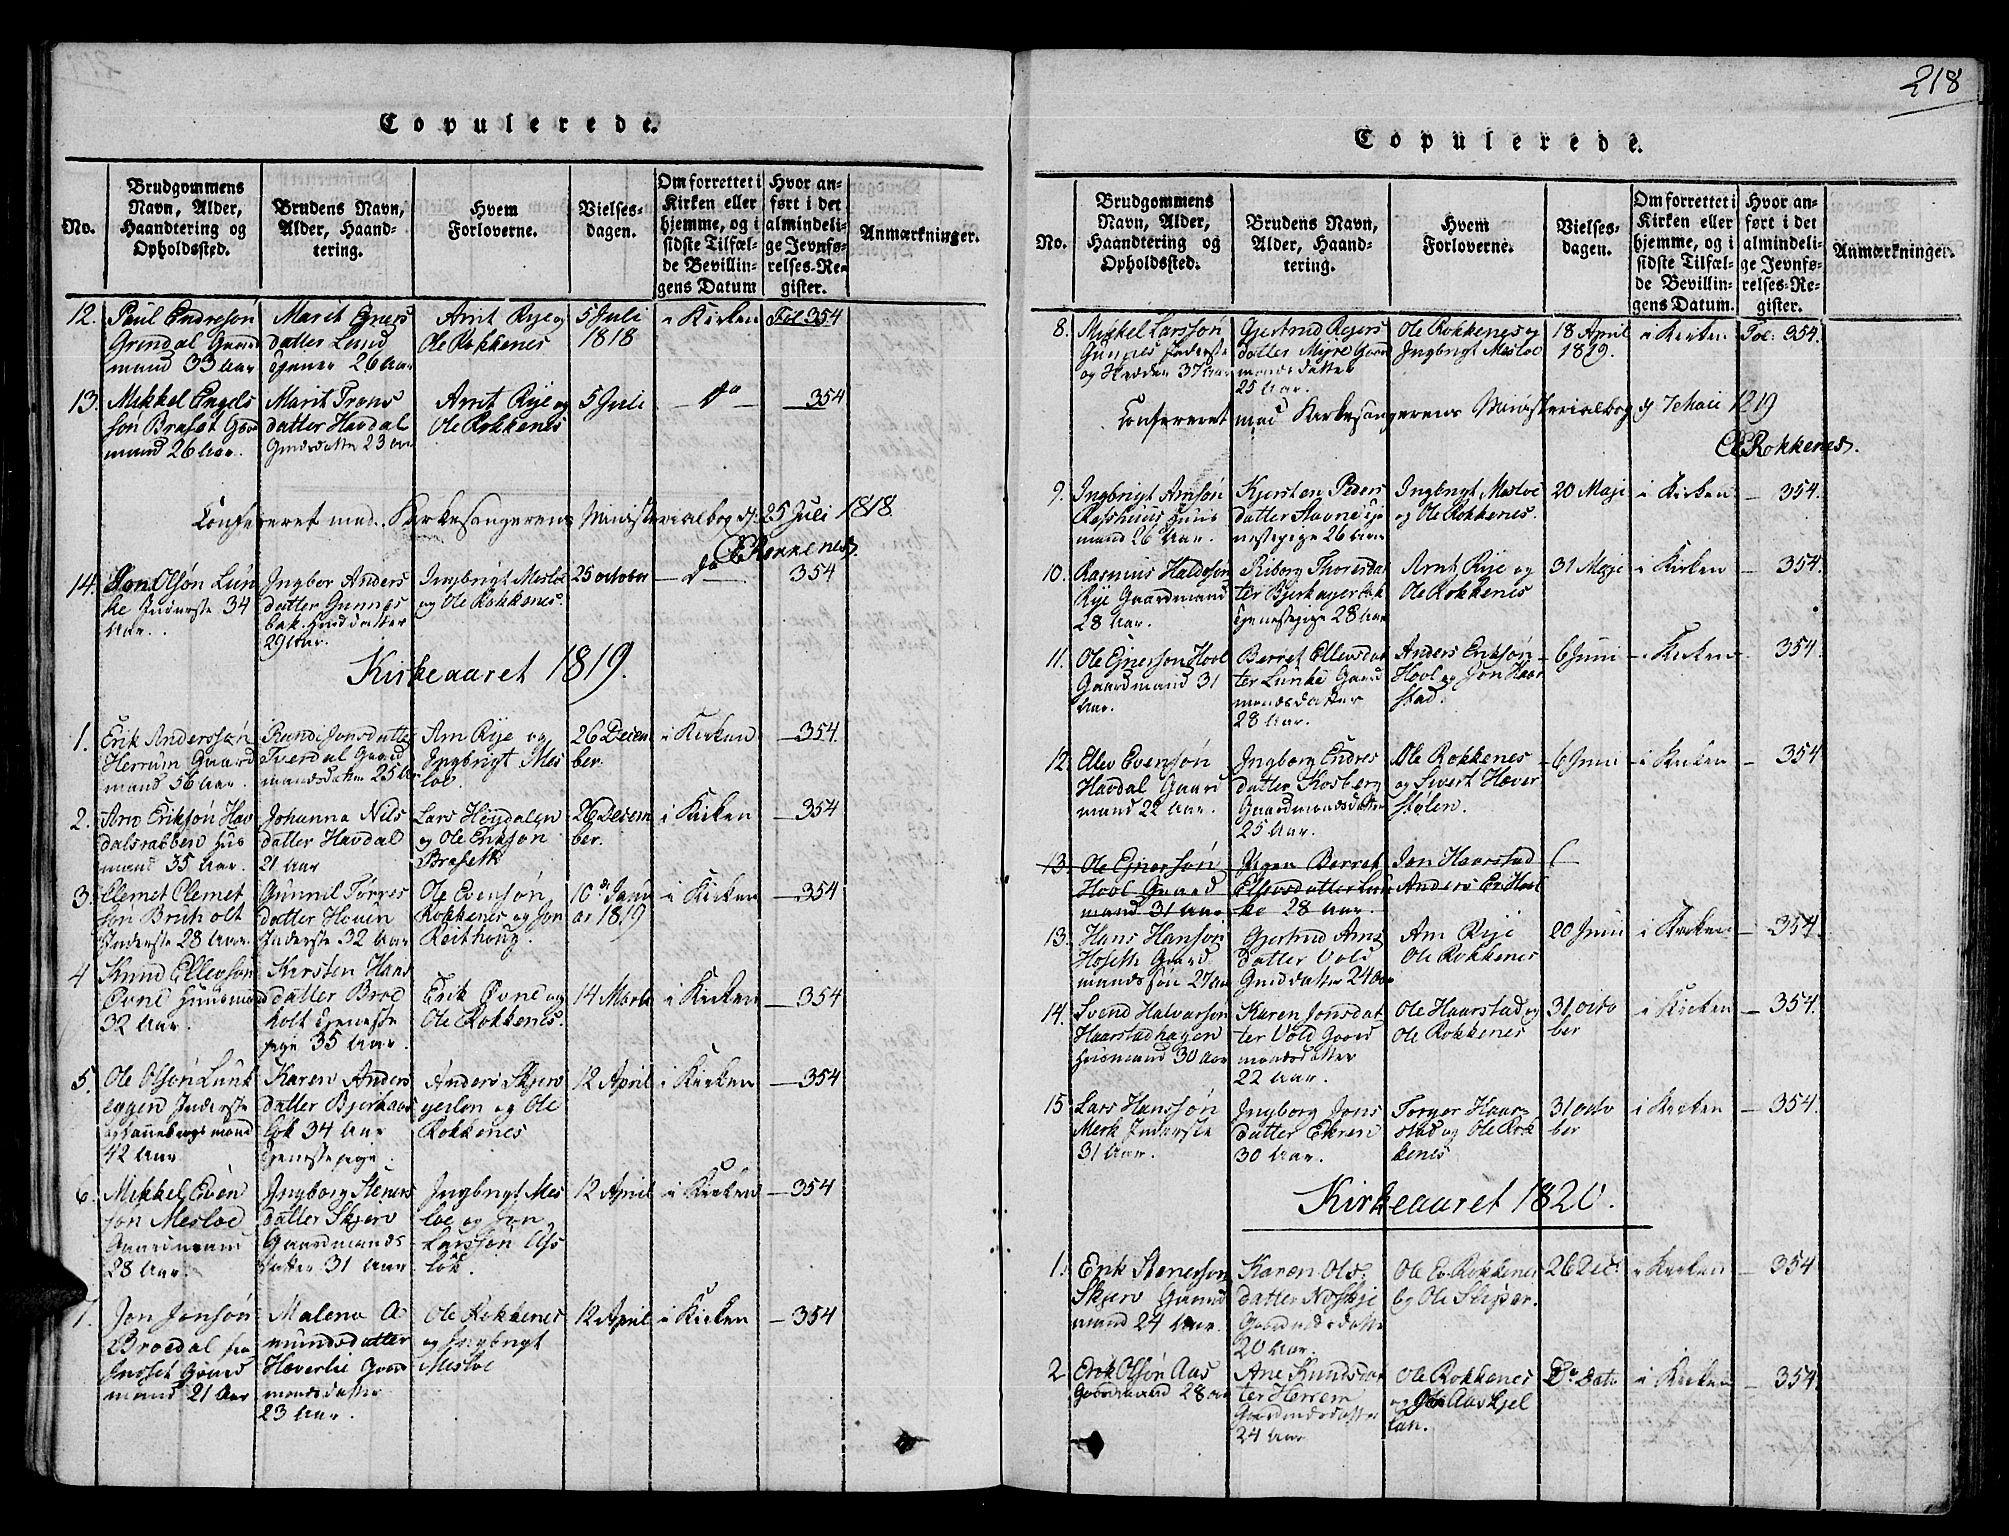 SAT, Ministerialprotokoller, klokkerbøker og fødselsregistre - Sør-Trøndelag, 672/L0854: Ministerialbok nr. 672A06 /2, 1816-1829, s. 218